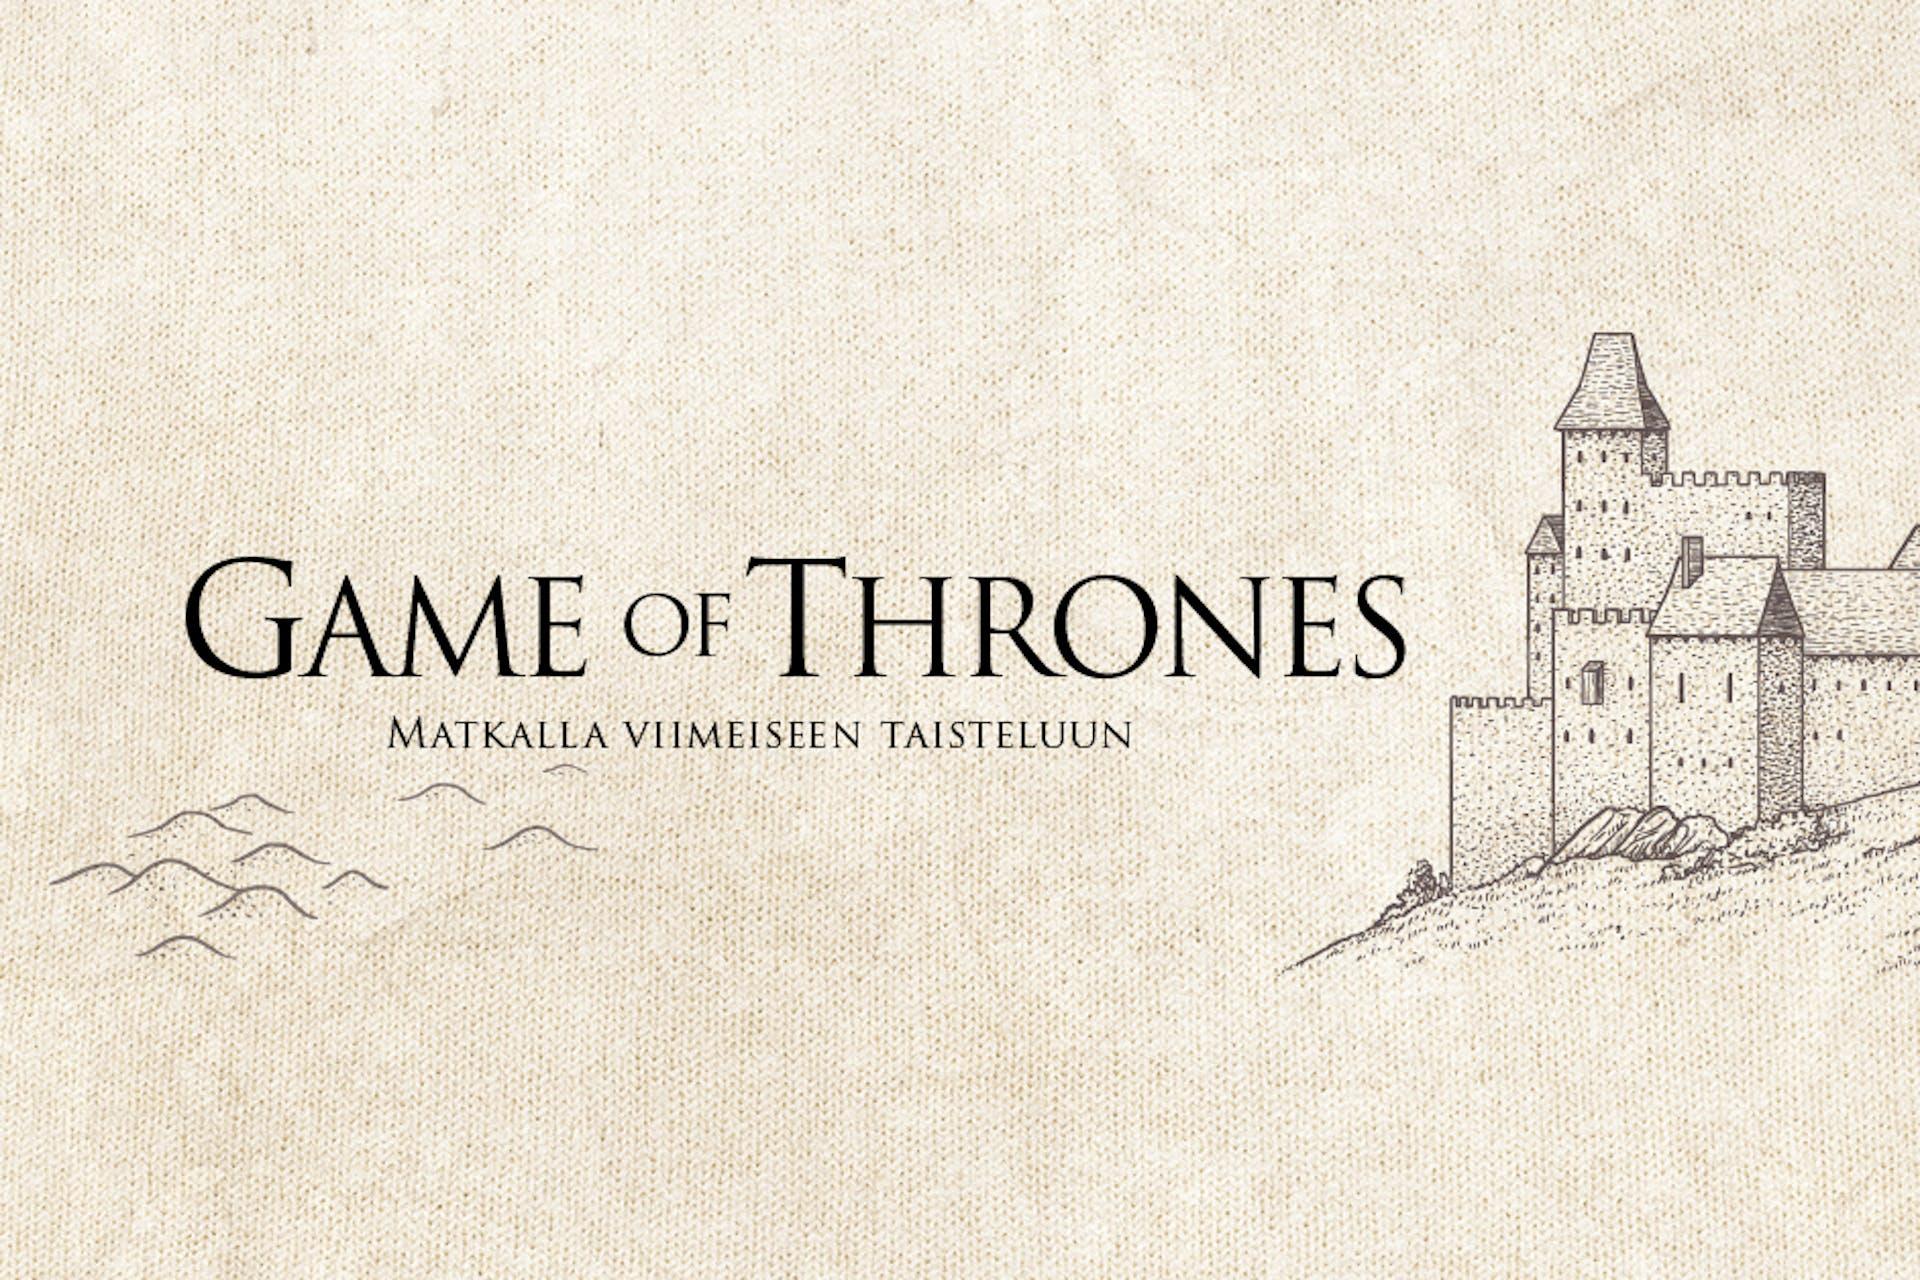 Game of Thrones sosiaalisessa mediassa infograafi